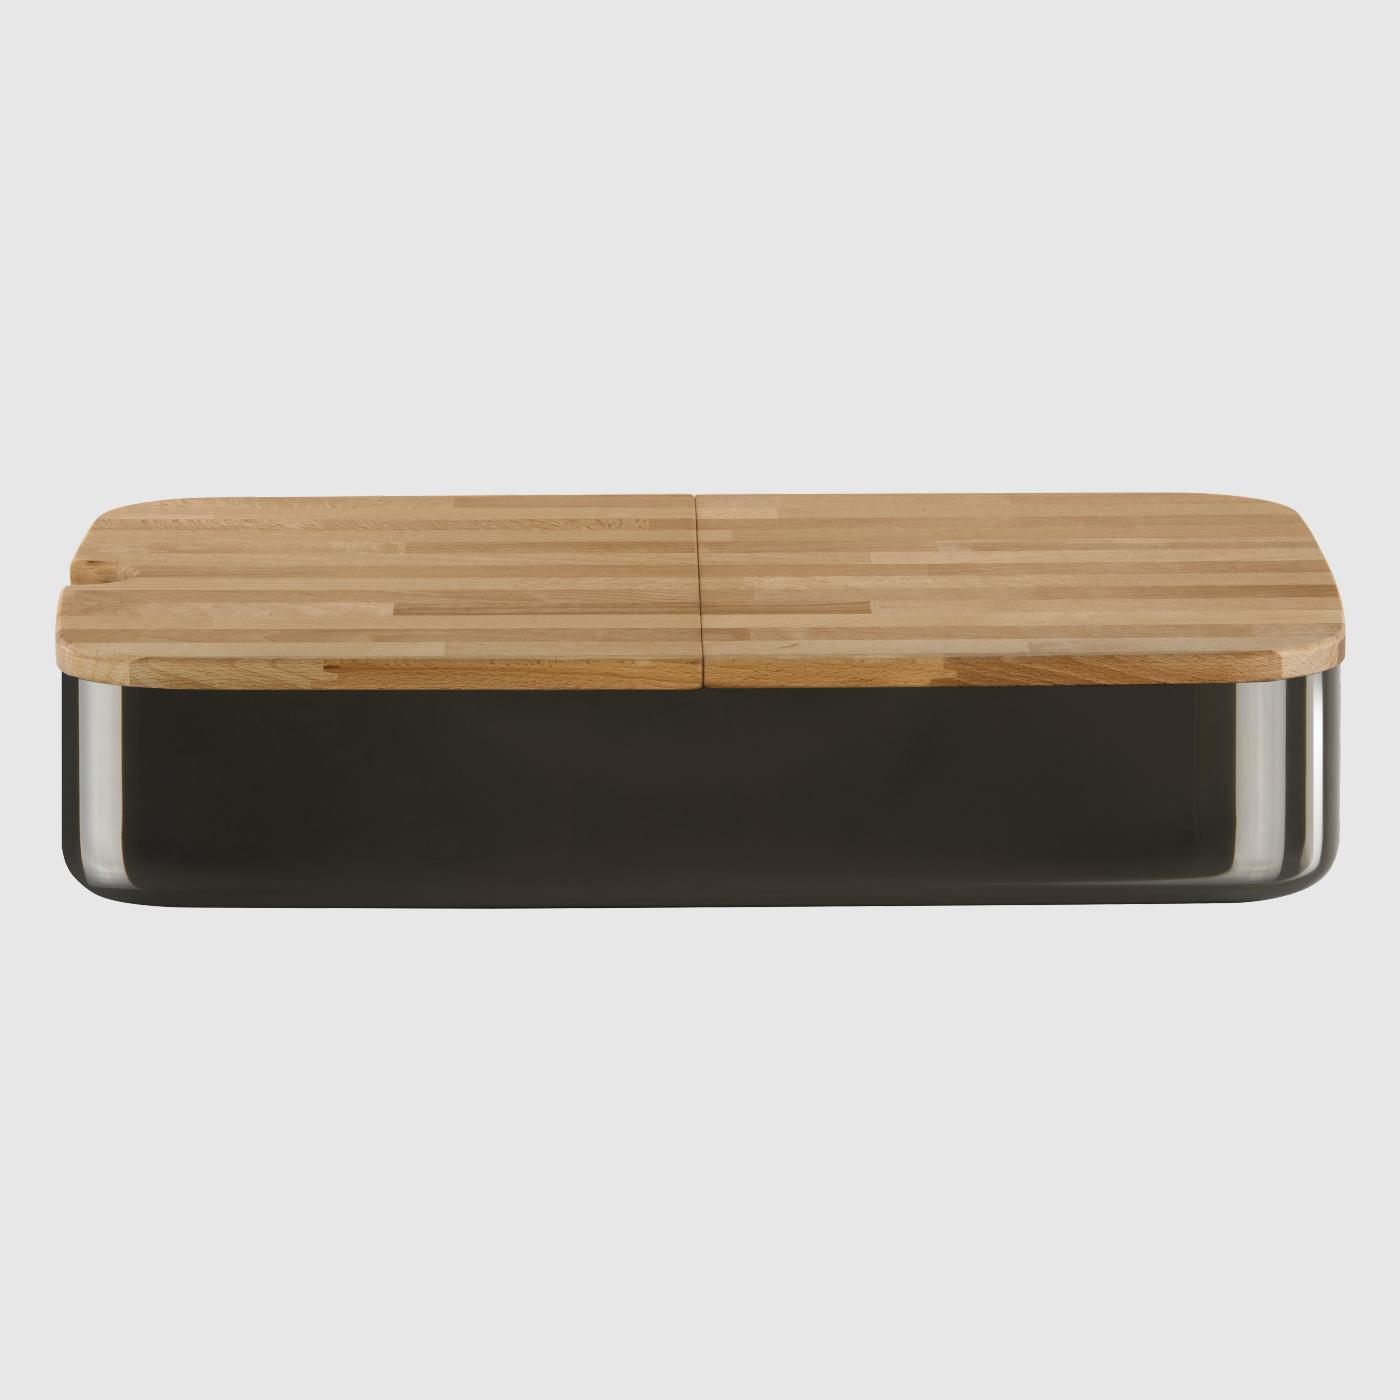 tray-and-cutting-board-gioi-barock-1